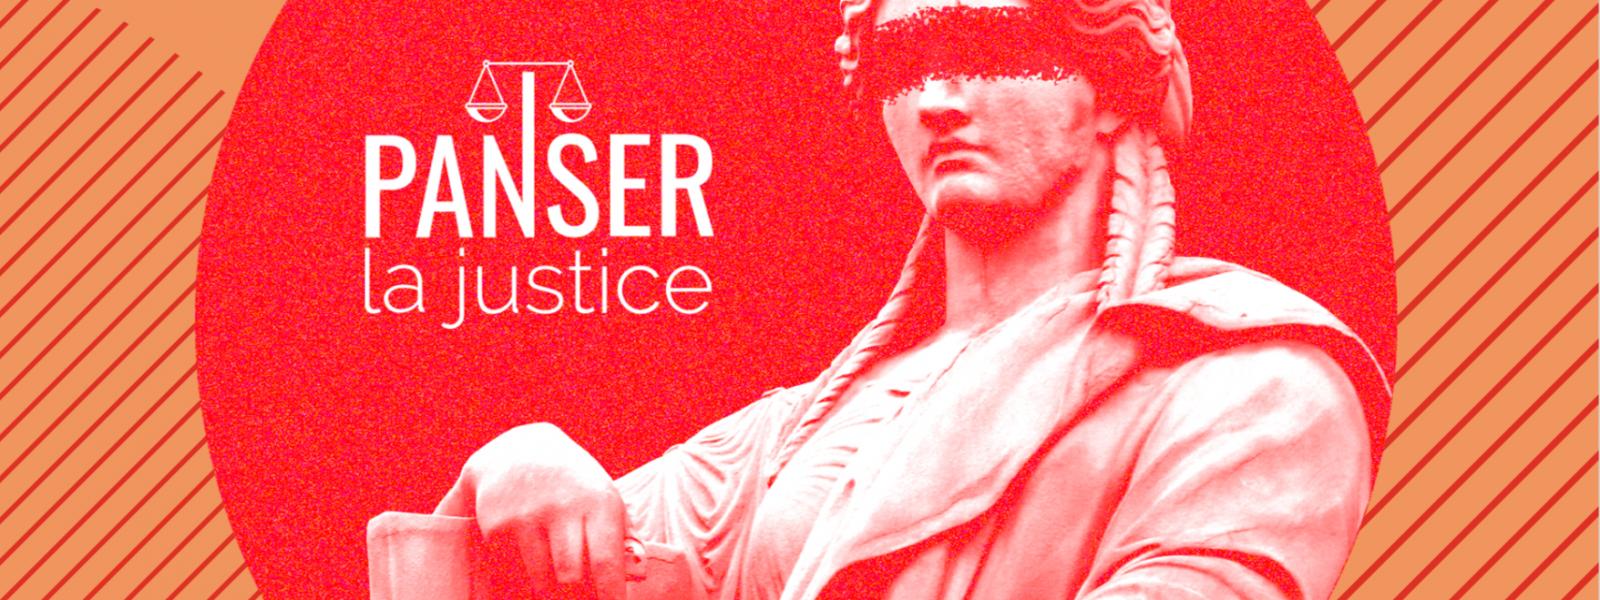 Panser la justice: une enquête transmédia des étudiants en journalisme